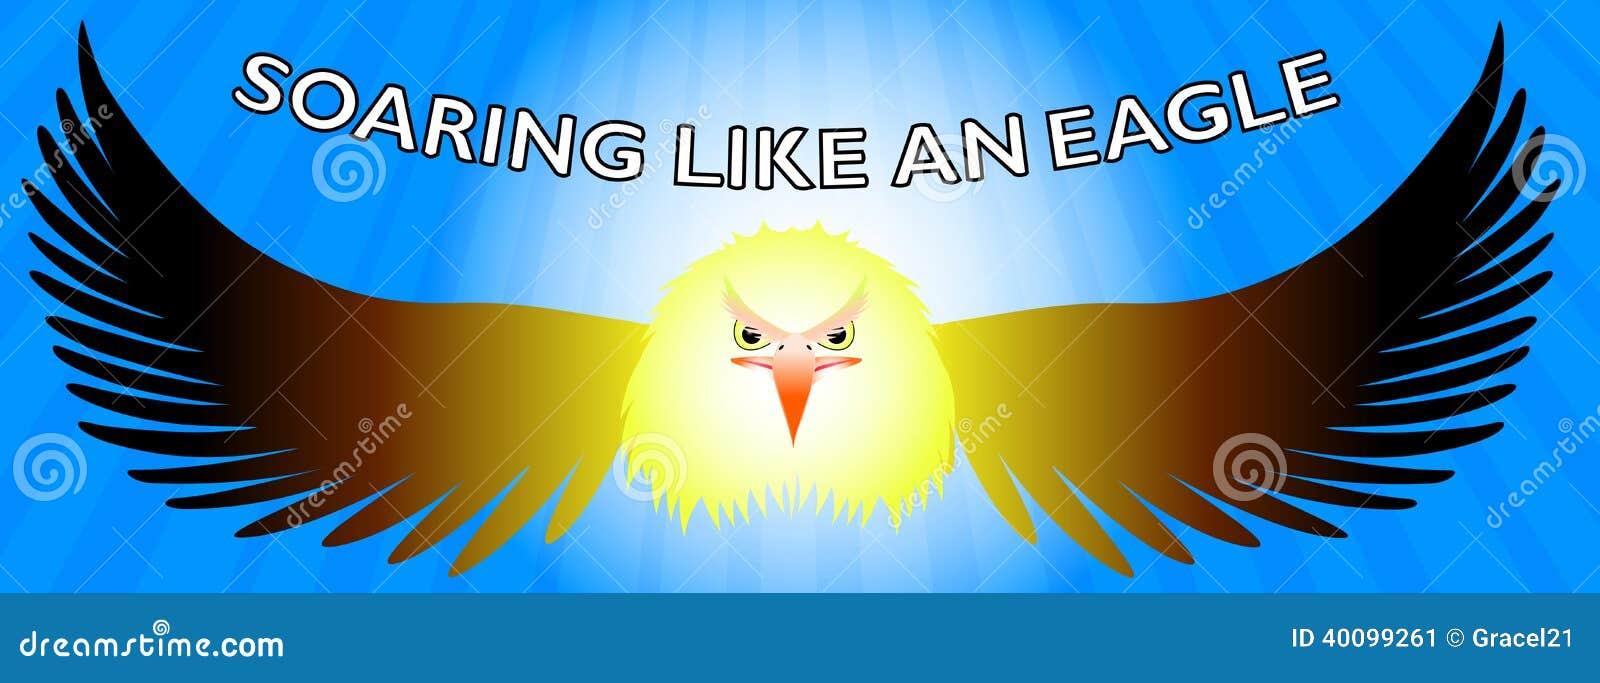 Soar like an eagle- Facebook timeline